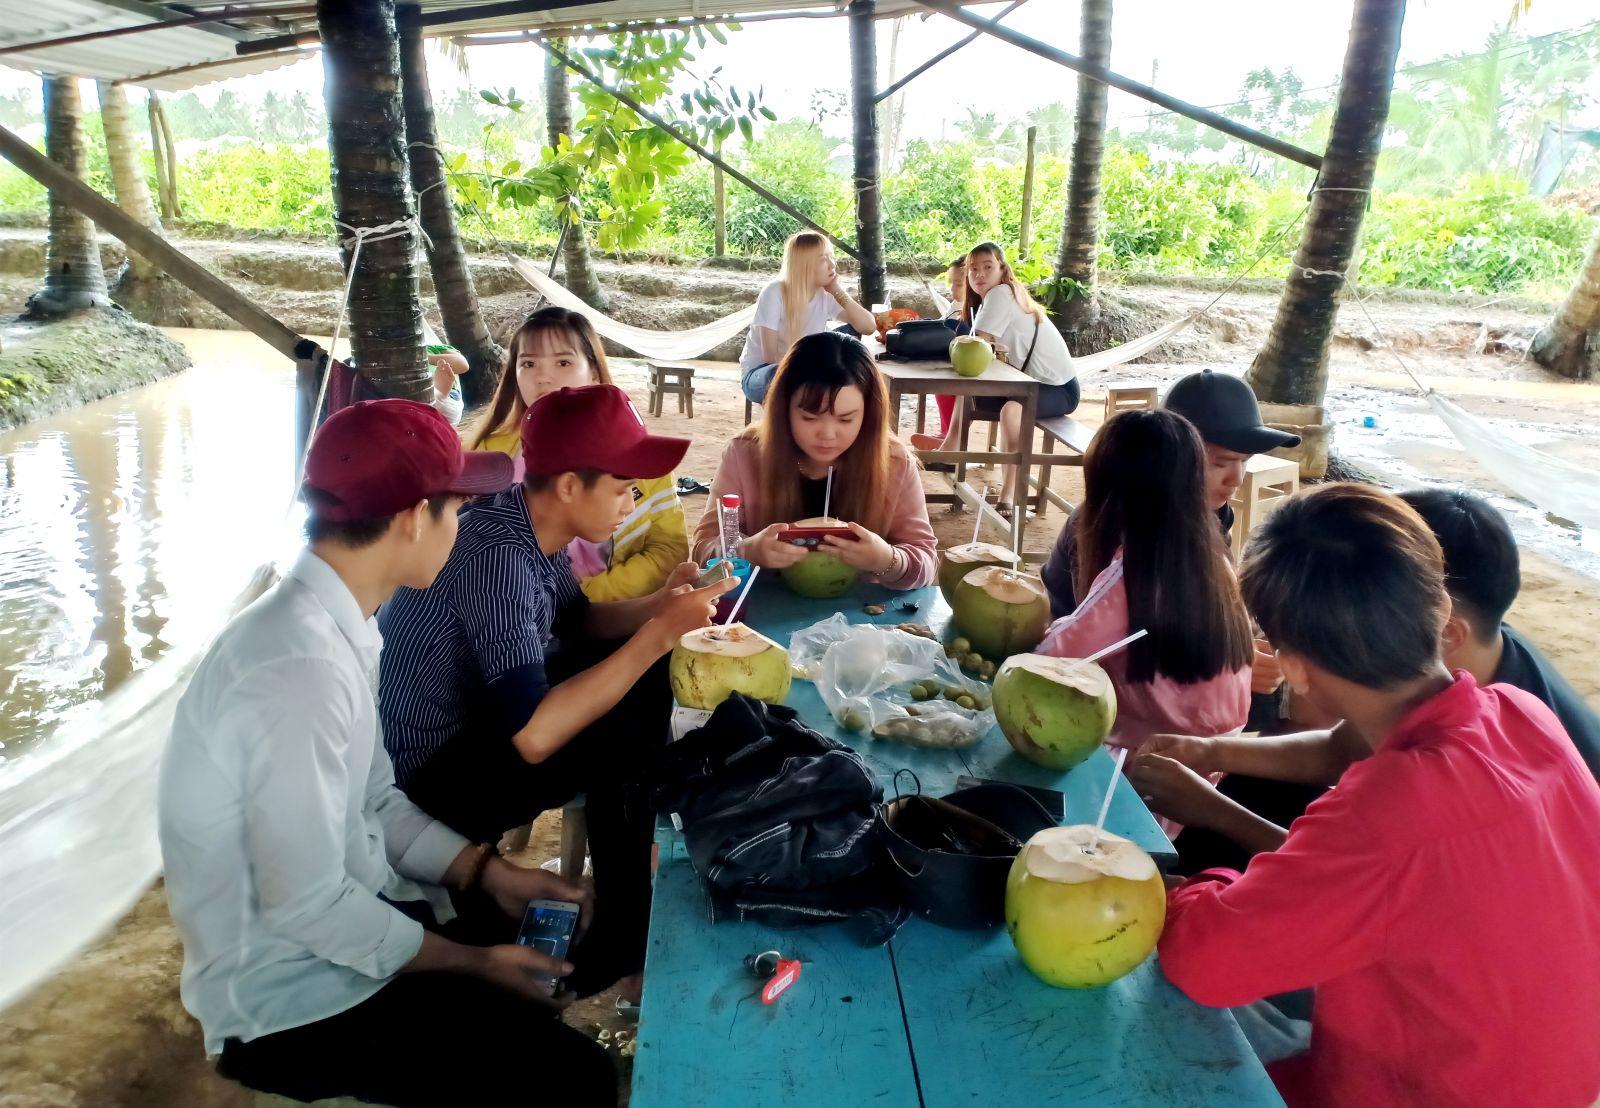 Vườn dừa là một trong những điểm đến lý tưởng khi đến Tân Lộc. Trong ảnh: khách thưởng thức dừa tươi tại vườn dừa.